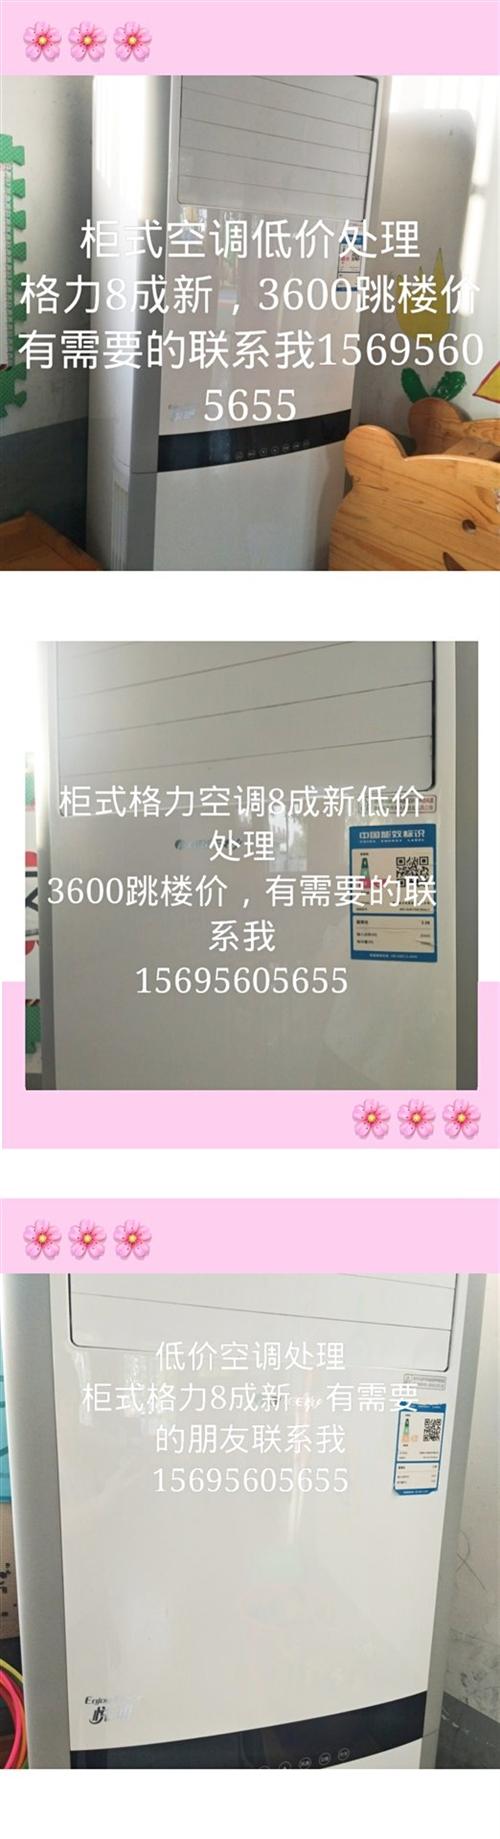 柜式格力空调低价处理,8成新,3600跳楼价!